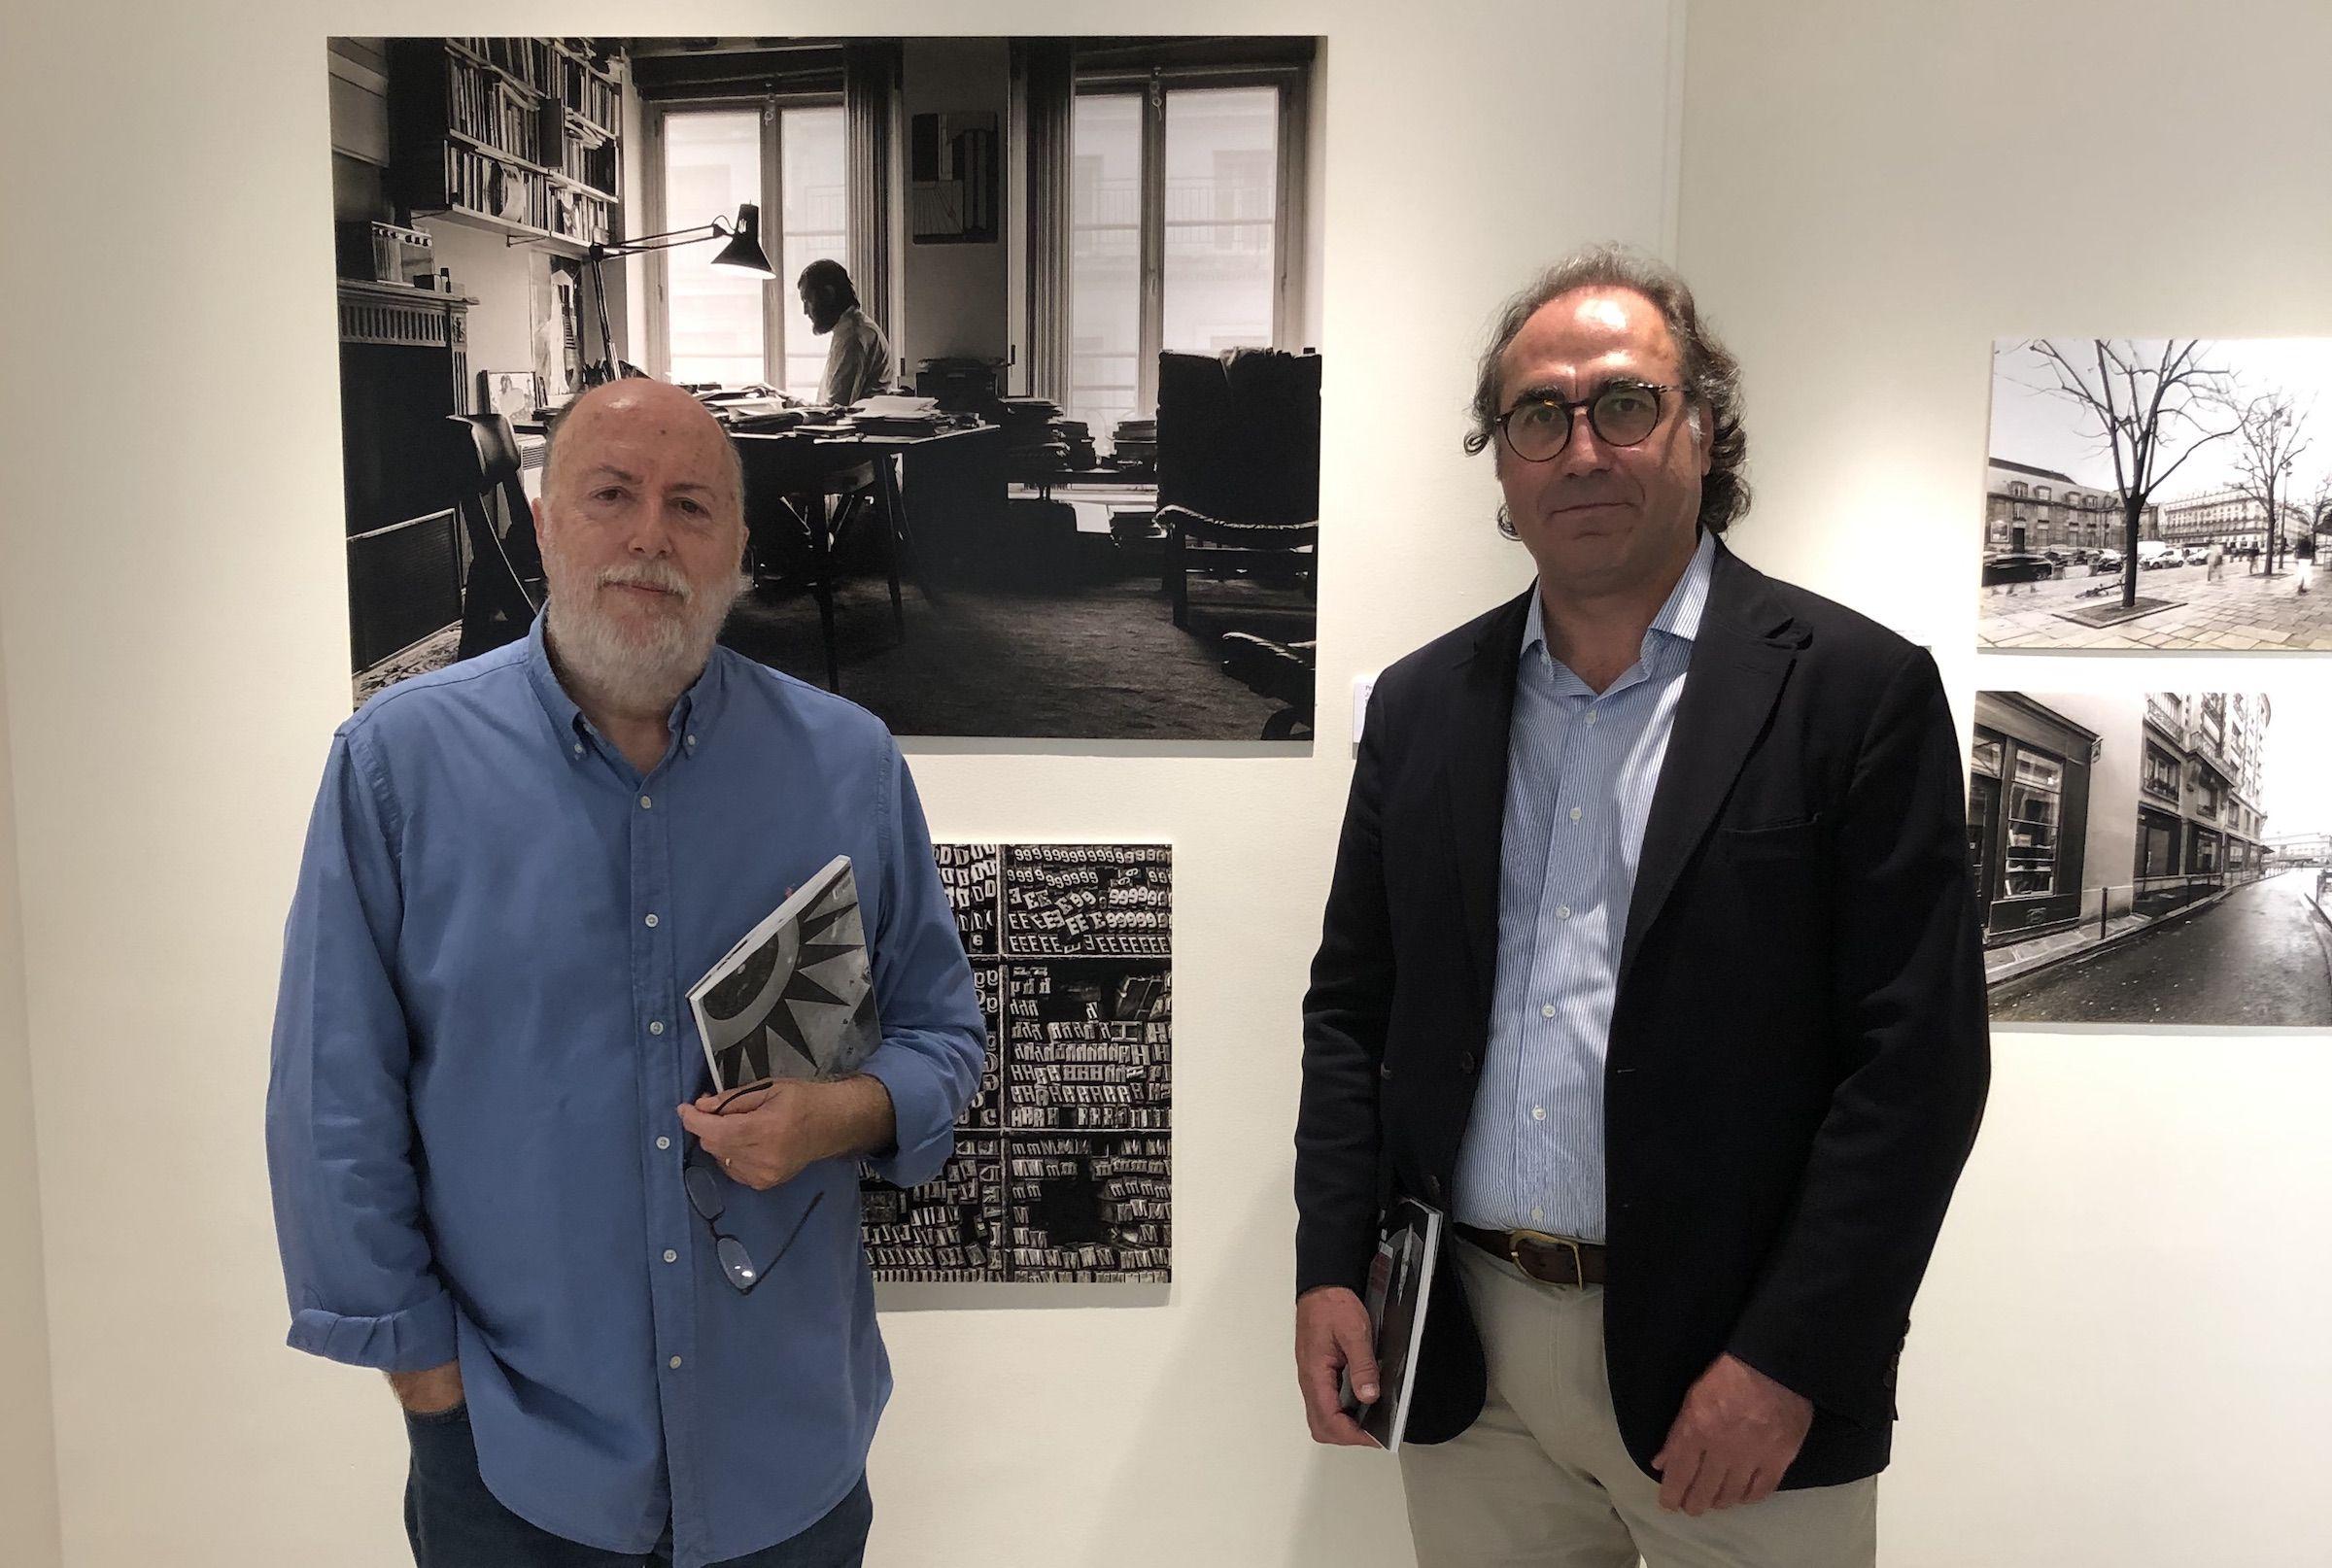 EL catedrático de Literatura Española Miguel Herráez, y el profesor Santiago Celestino han recuperado el archivo gráfico inédito que ahora se expone en el Colegio de España en París.